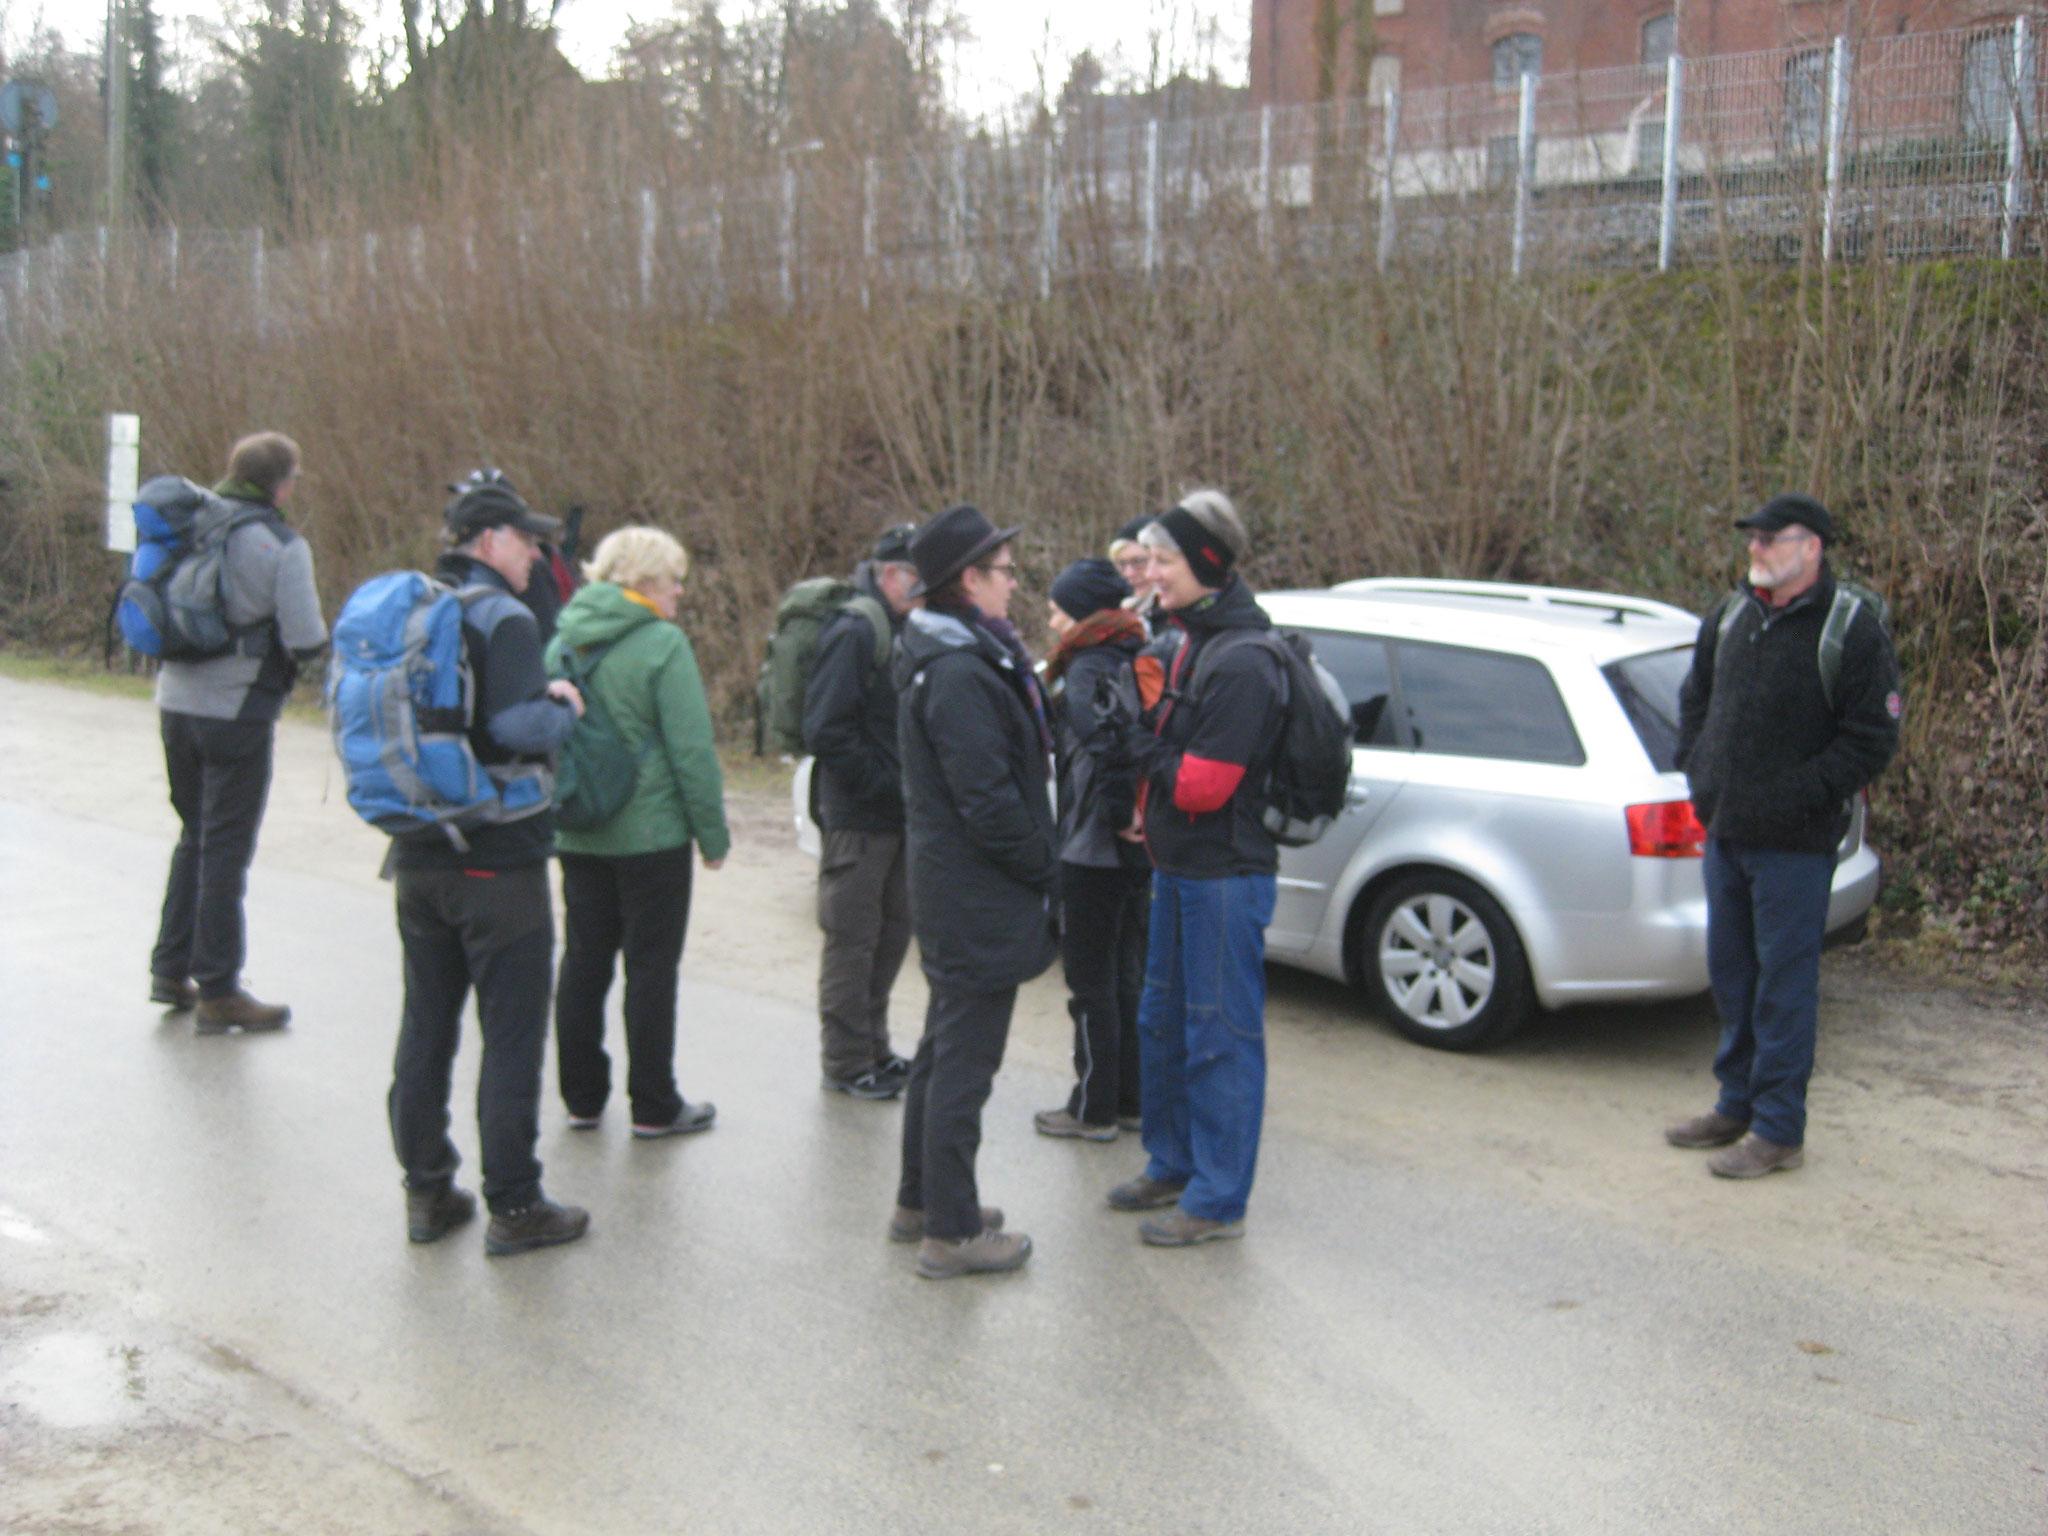 Wir trafen uns an der Weser und hatten zuerst Asphalt unter den Schuhen